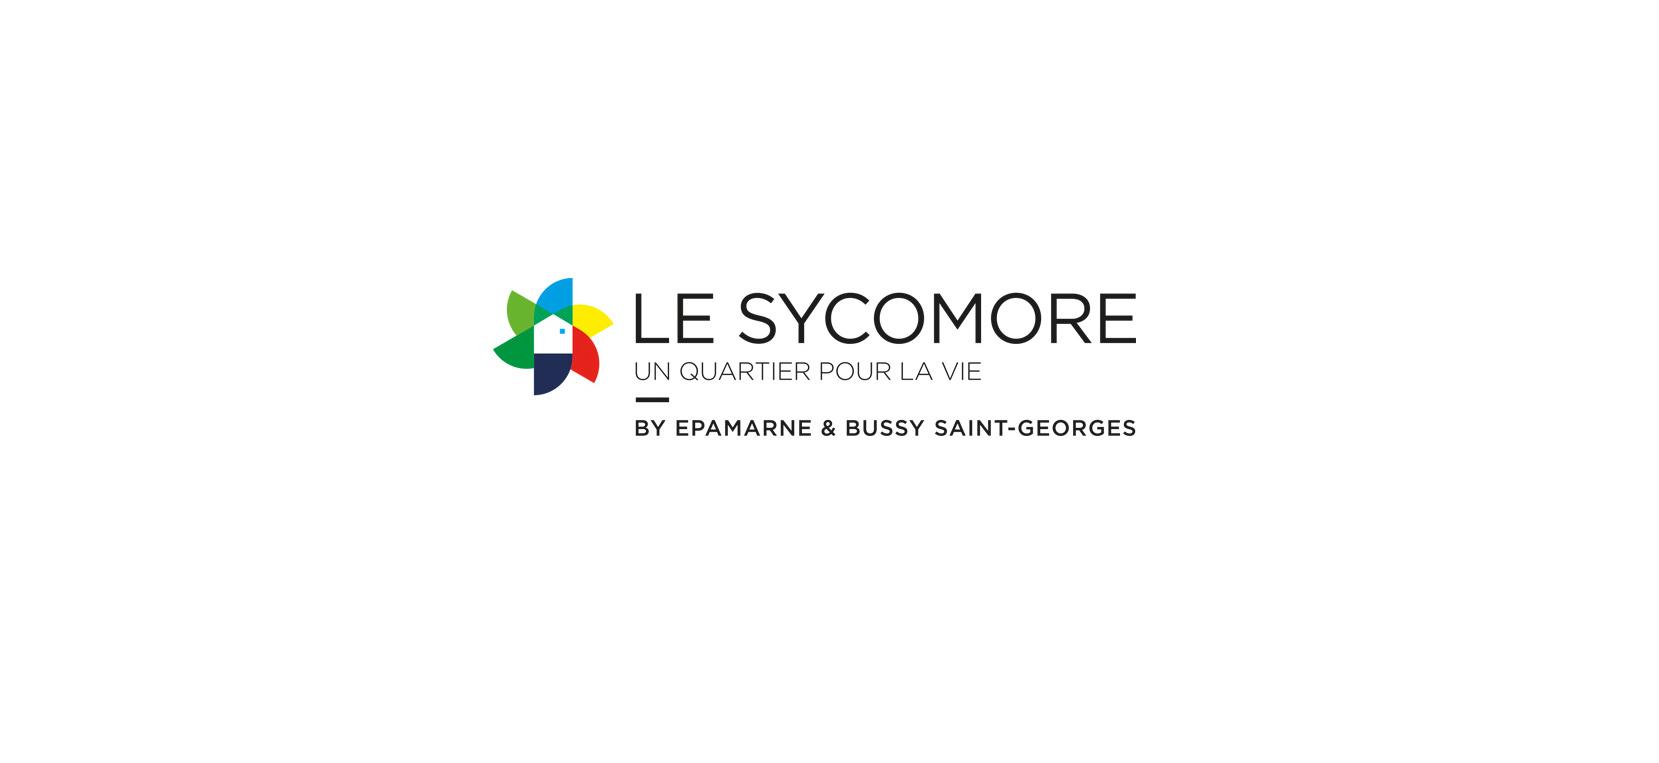 Logo de référence du quartier Le Sycomore